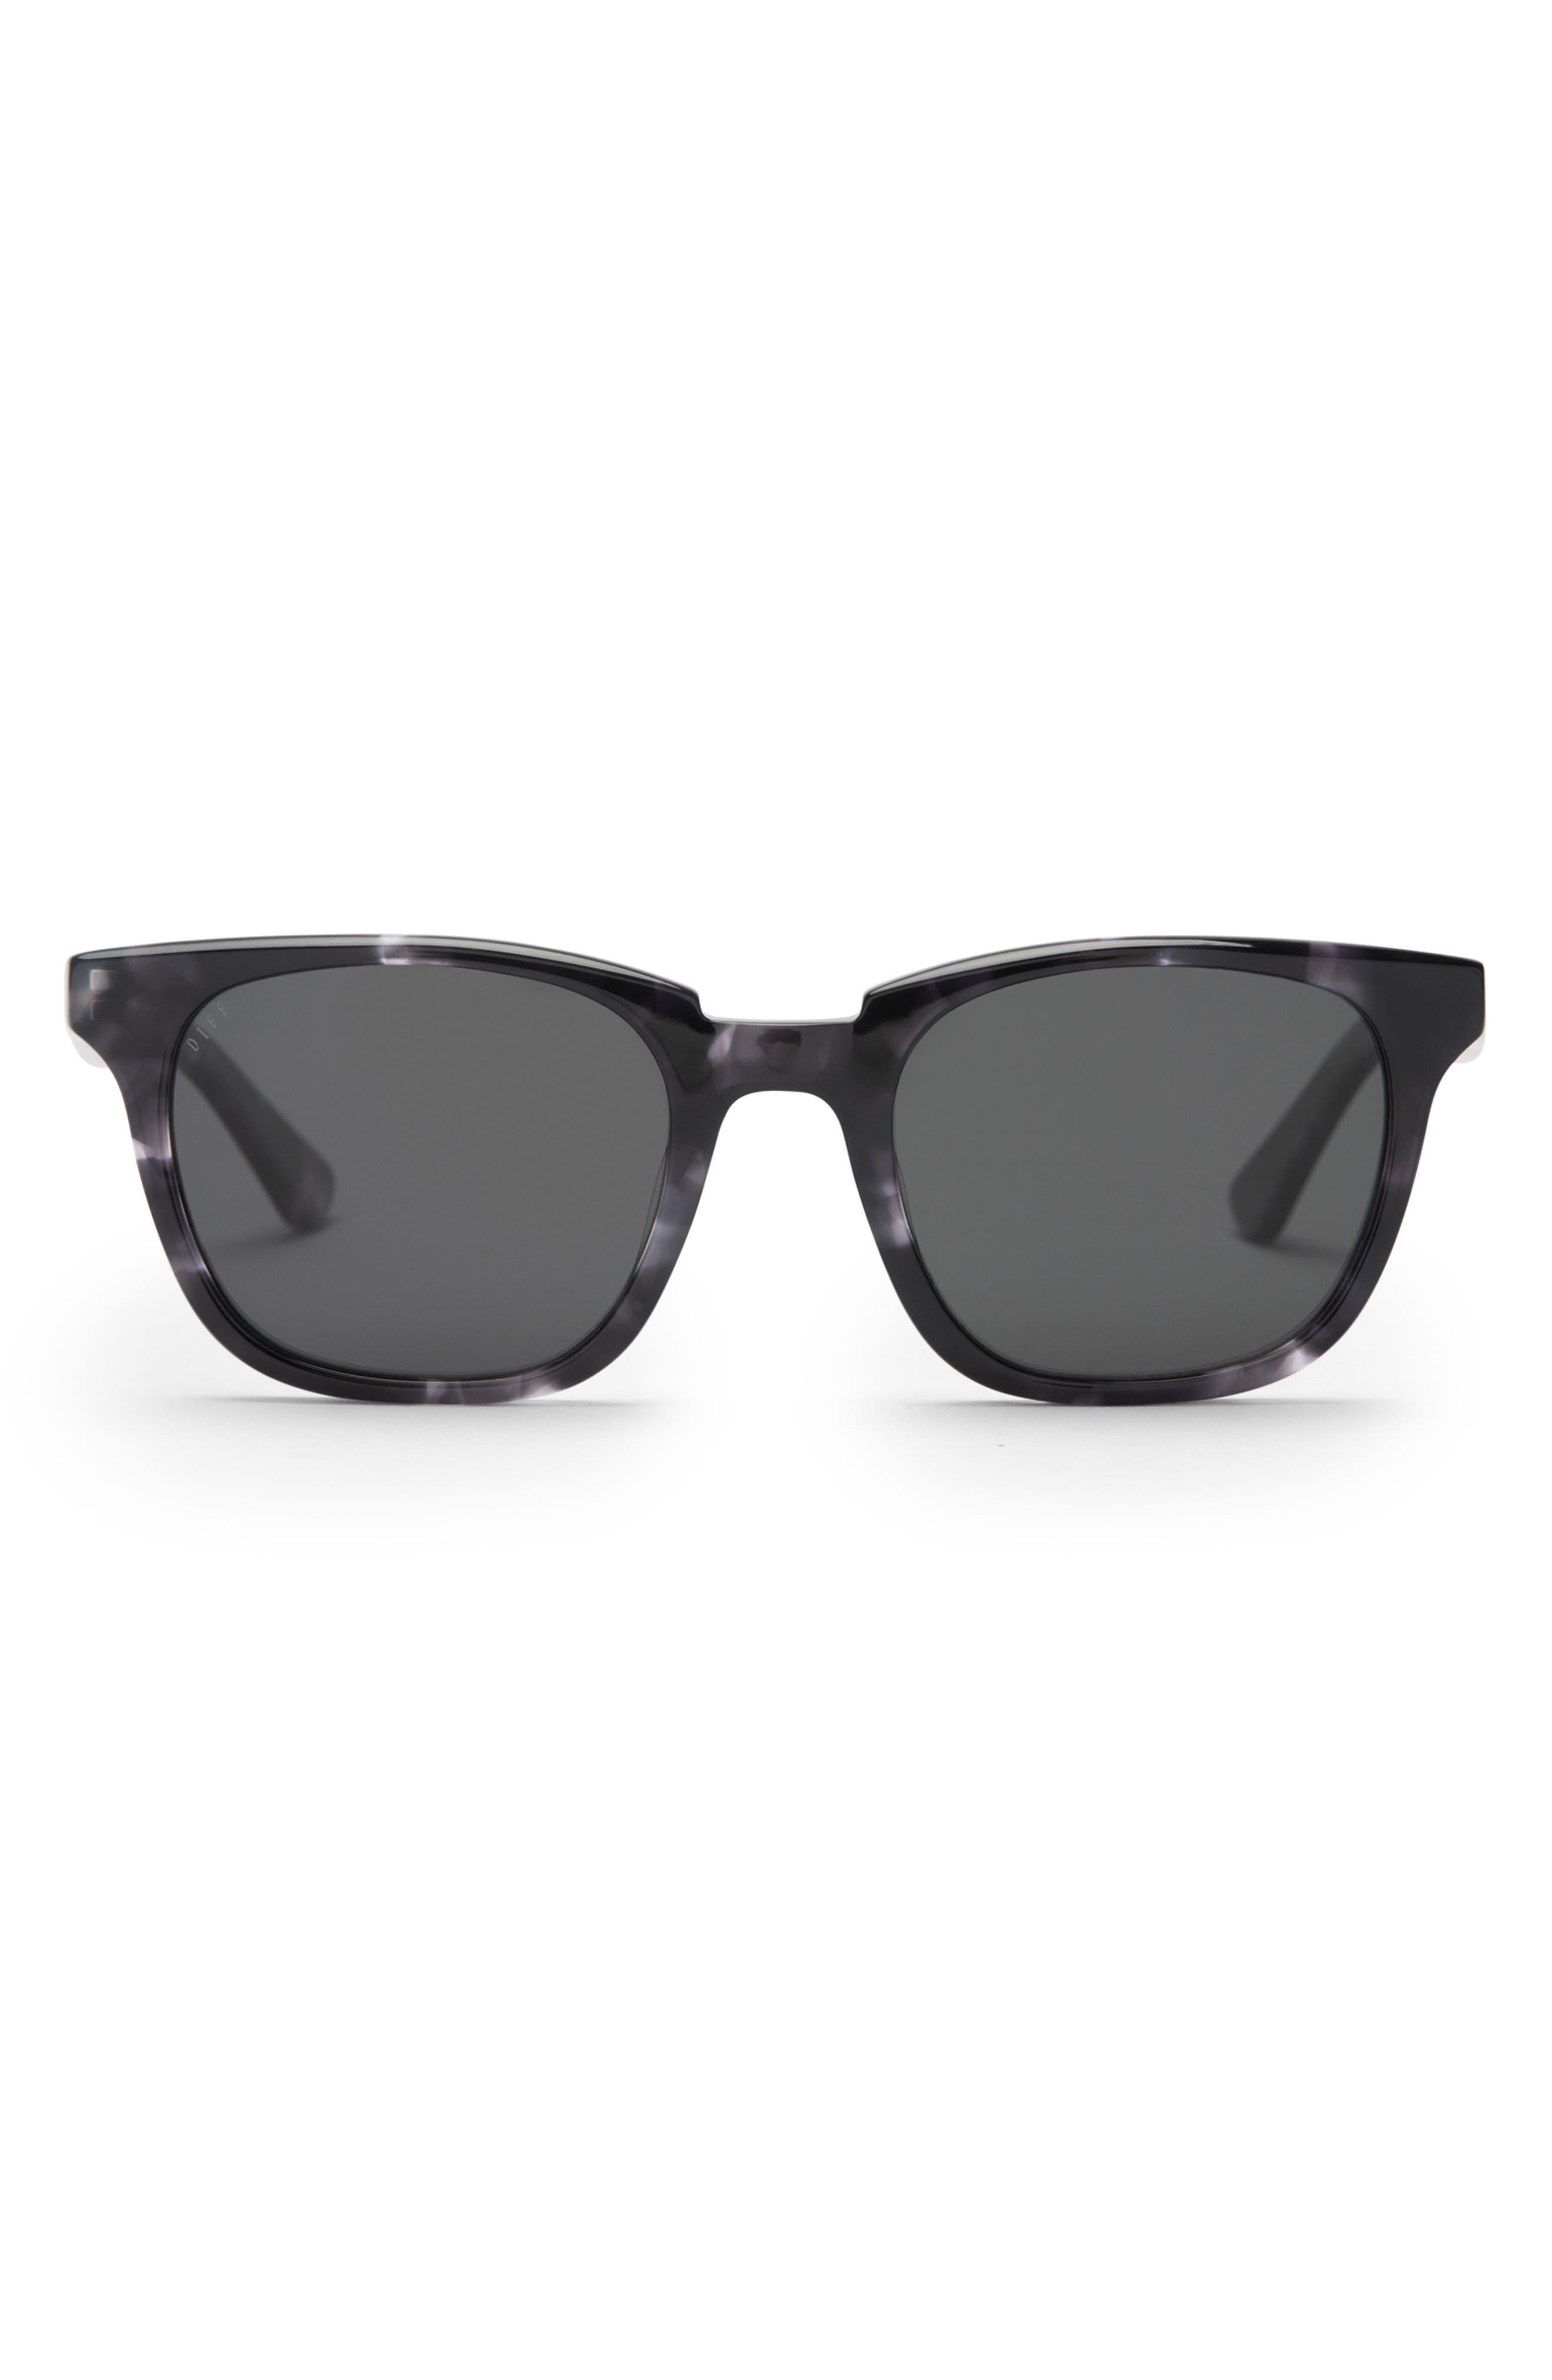 Colton 50mm Polarized Square Sunglasses